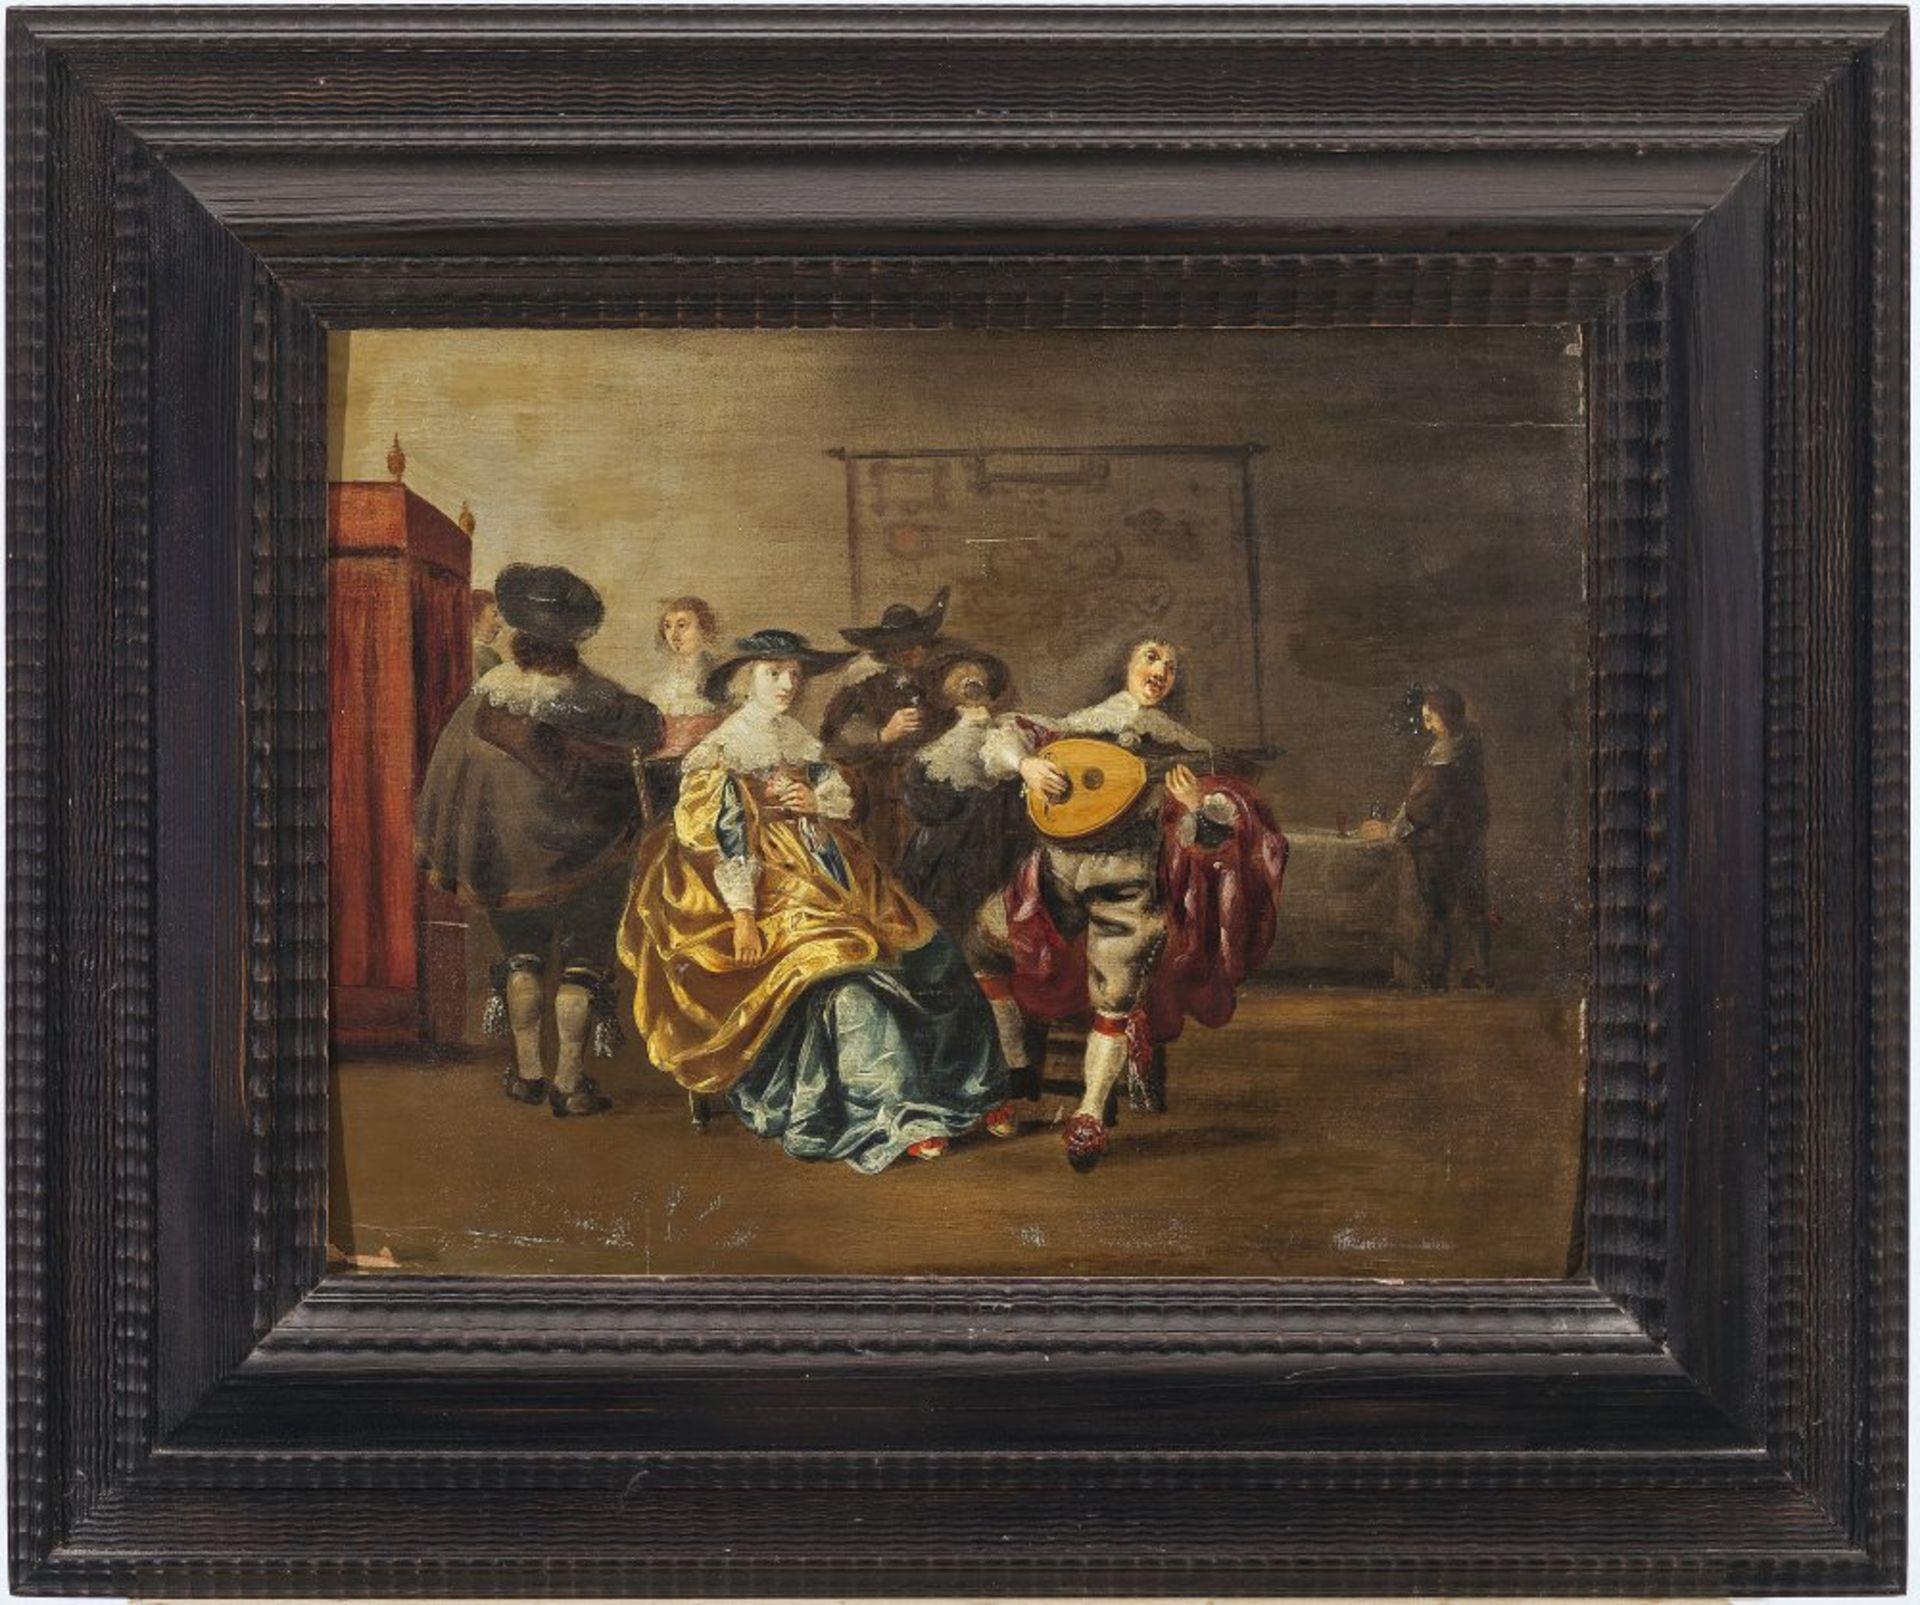 Niederlande, 17./18. Jh.Musizierende Adelsgesellschaft. Öl/Holz. 36,5 x 48 cm. Besch., Riss, rest.